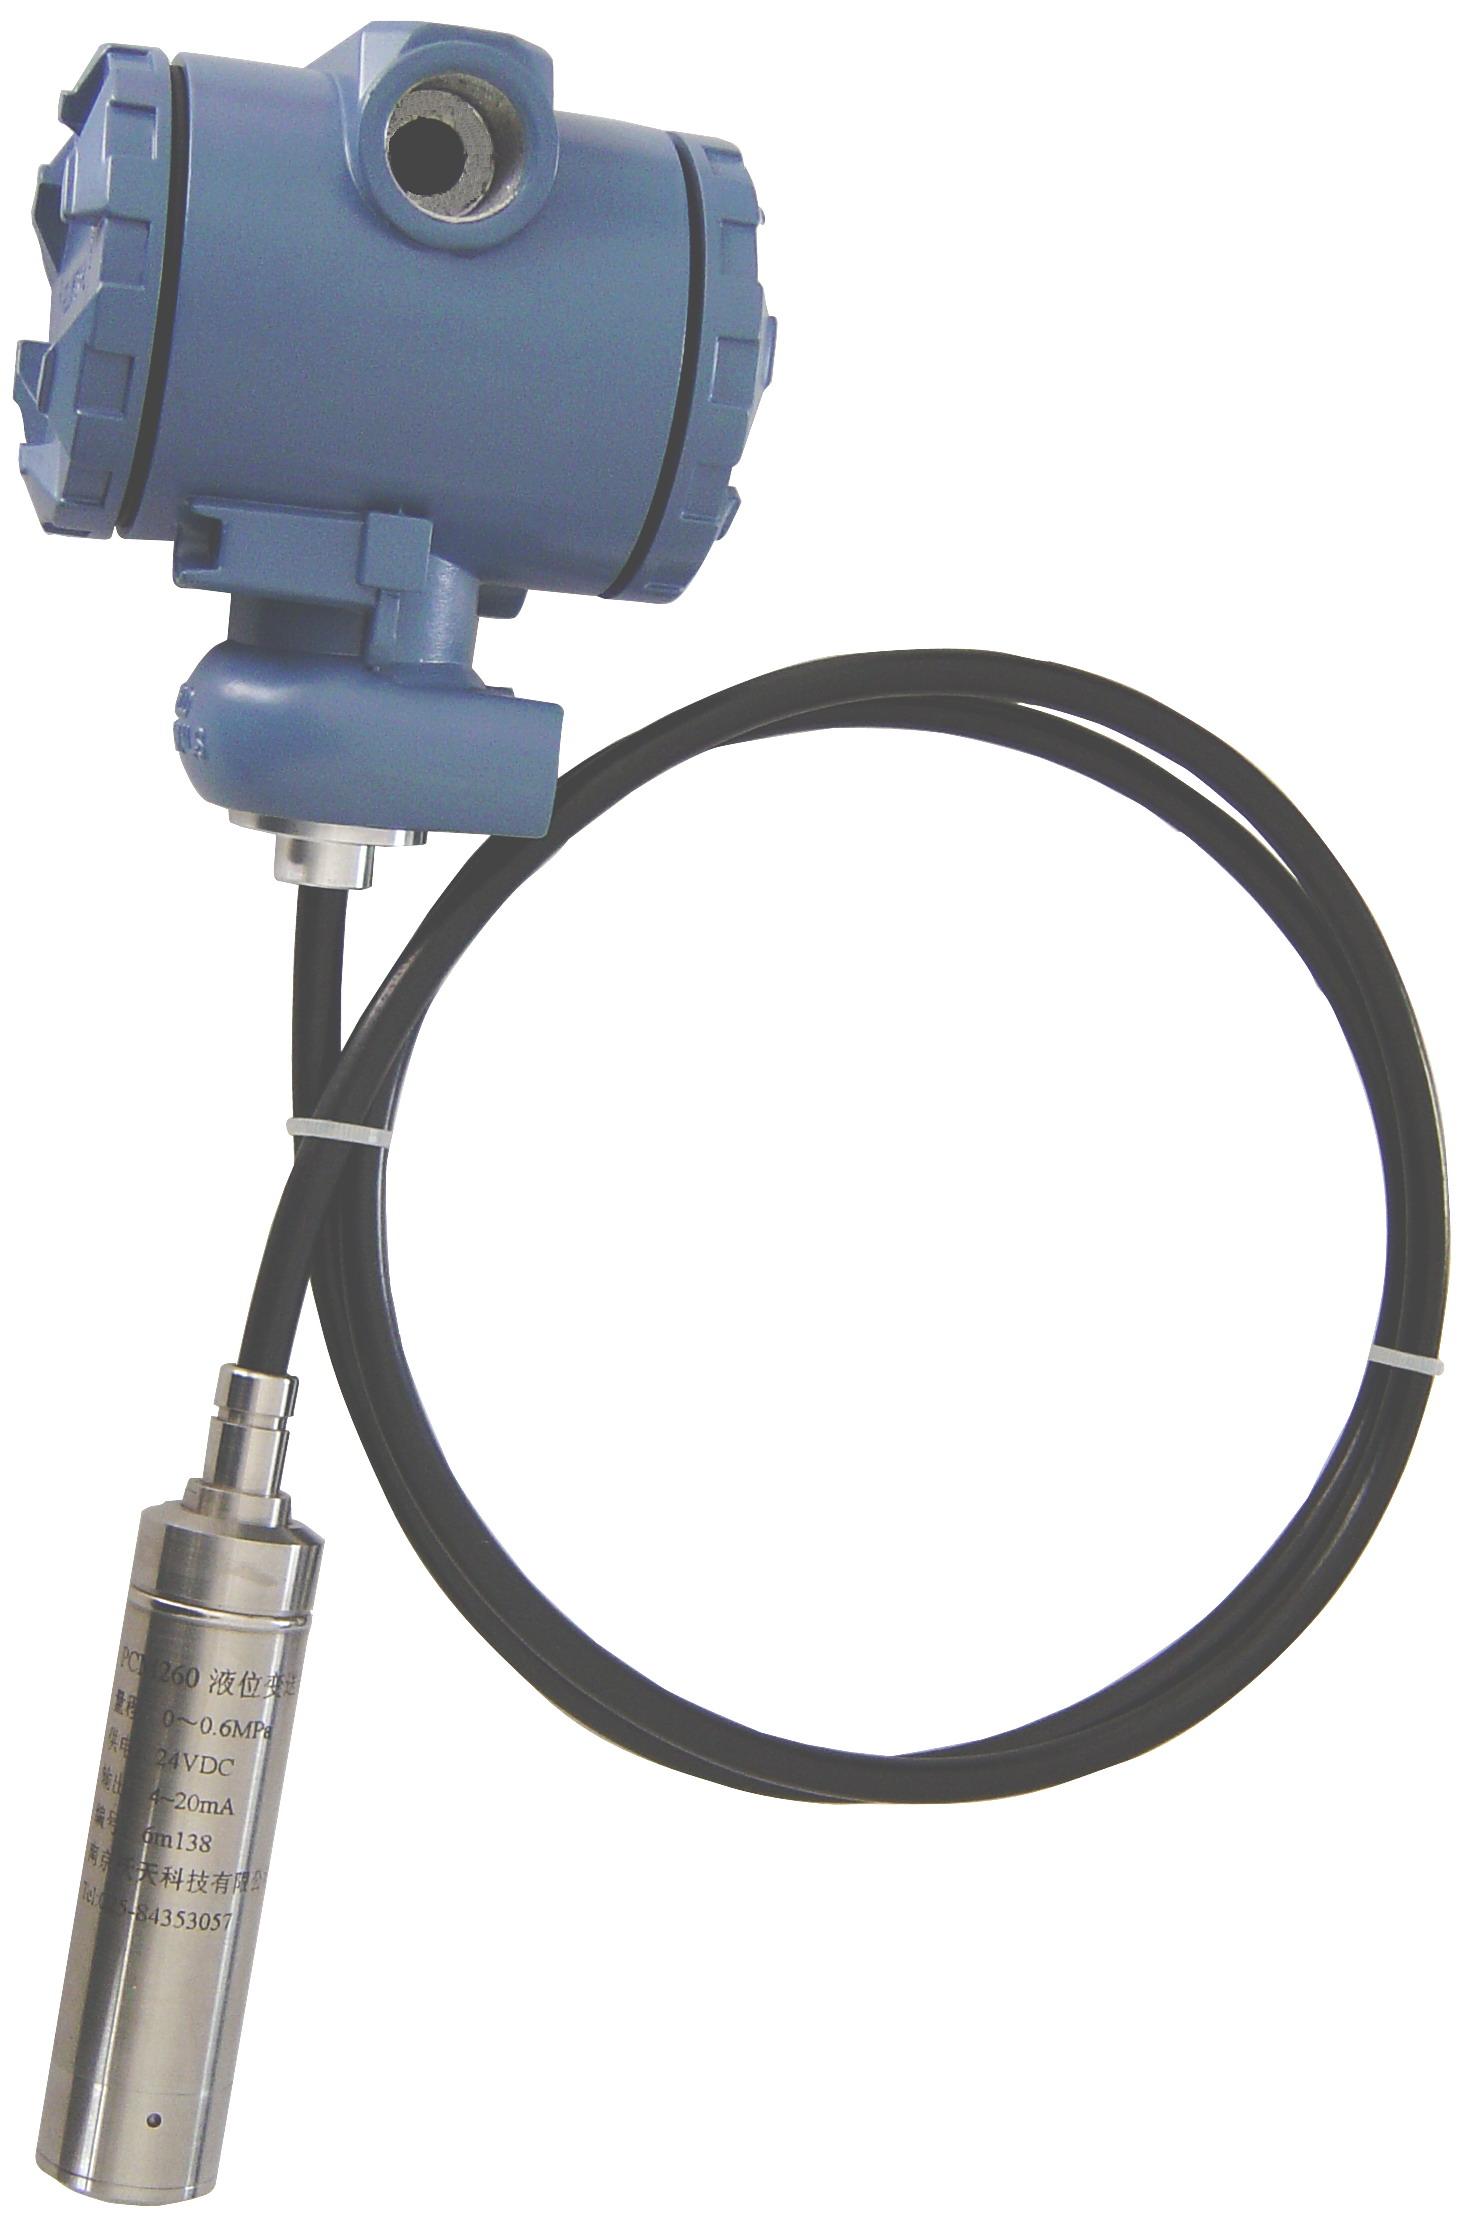 变送器液位传感器接线图解